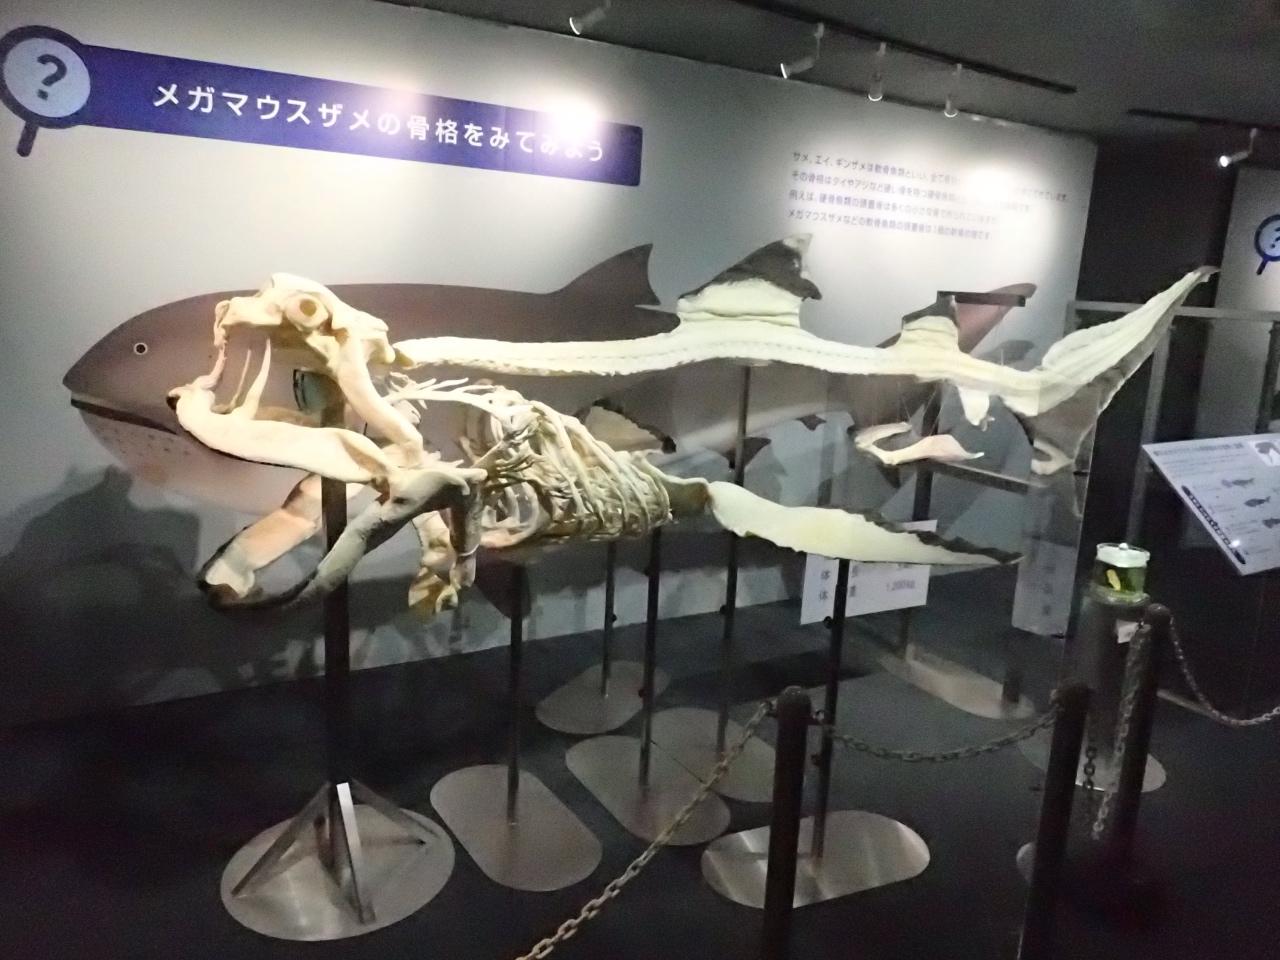 メガマウスの全身骨格標本(鴨川シーワールド)